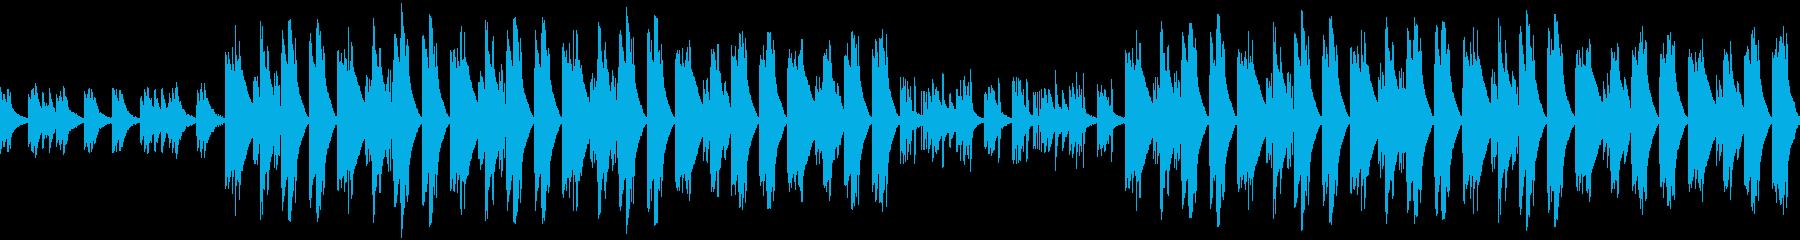 ゆったり眠くなるチルヒップホップBGMの再生済みの波形